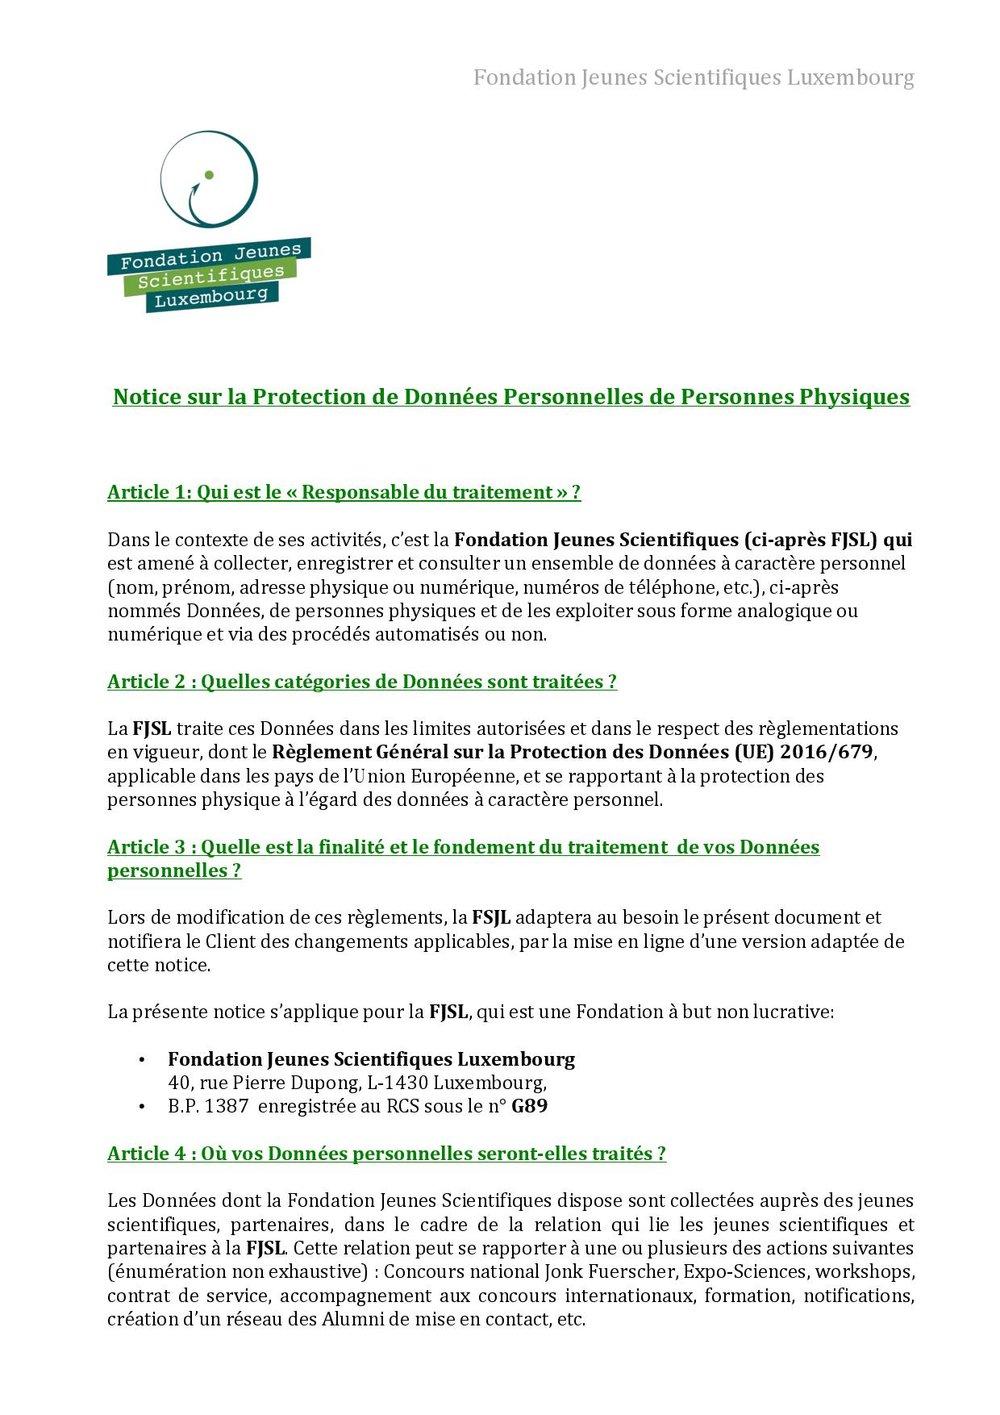 Notice sur la Protection-page-001.jpg